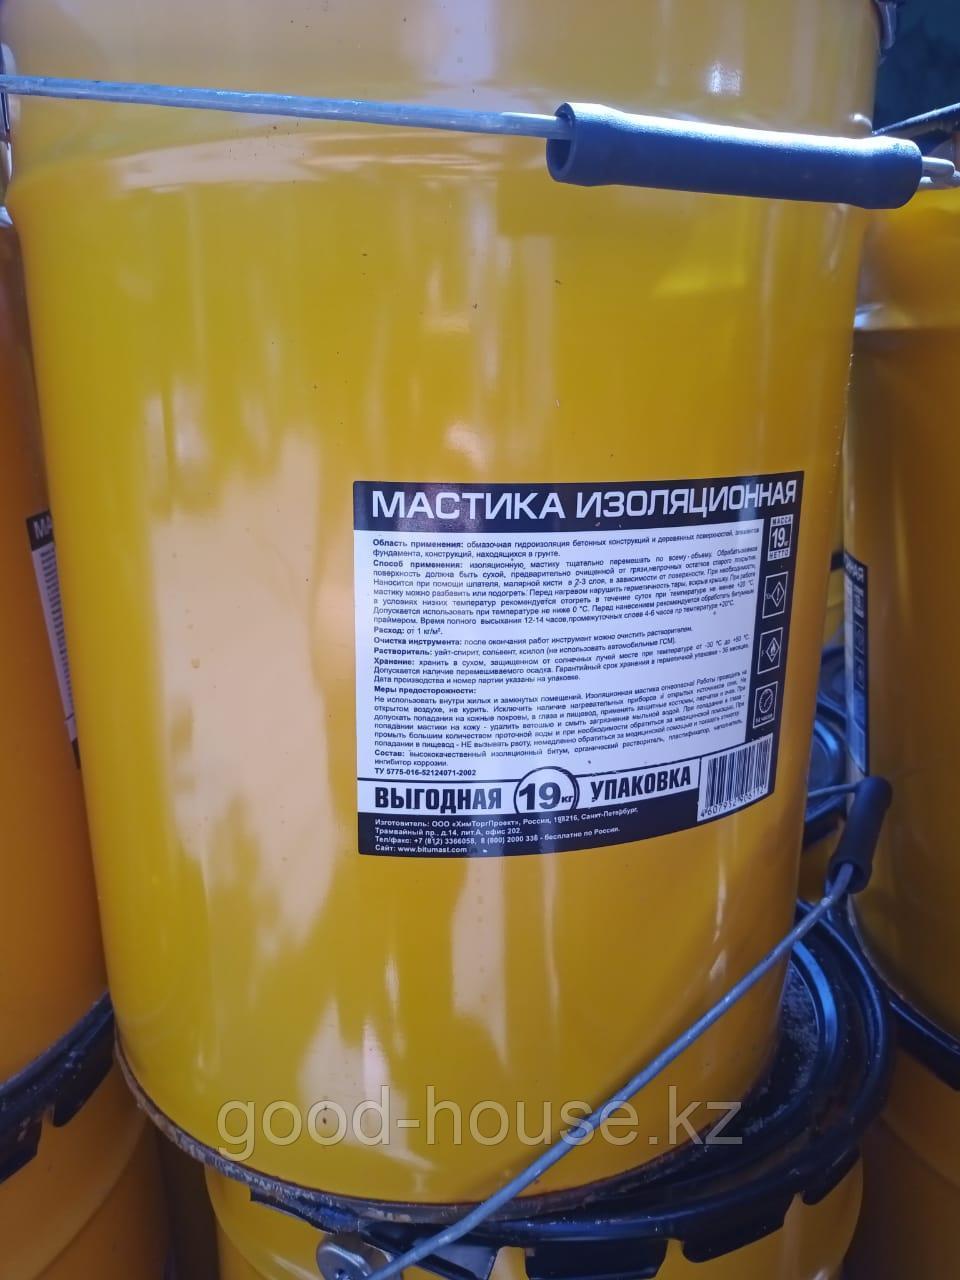 Мастика изоляционная 21.5 литра, 19кг. - фото 2